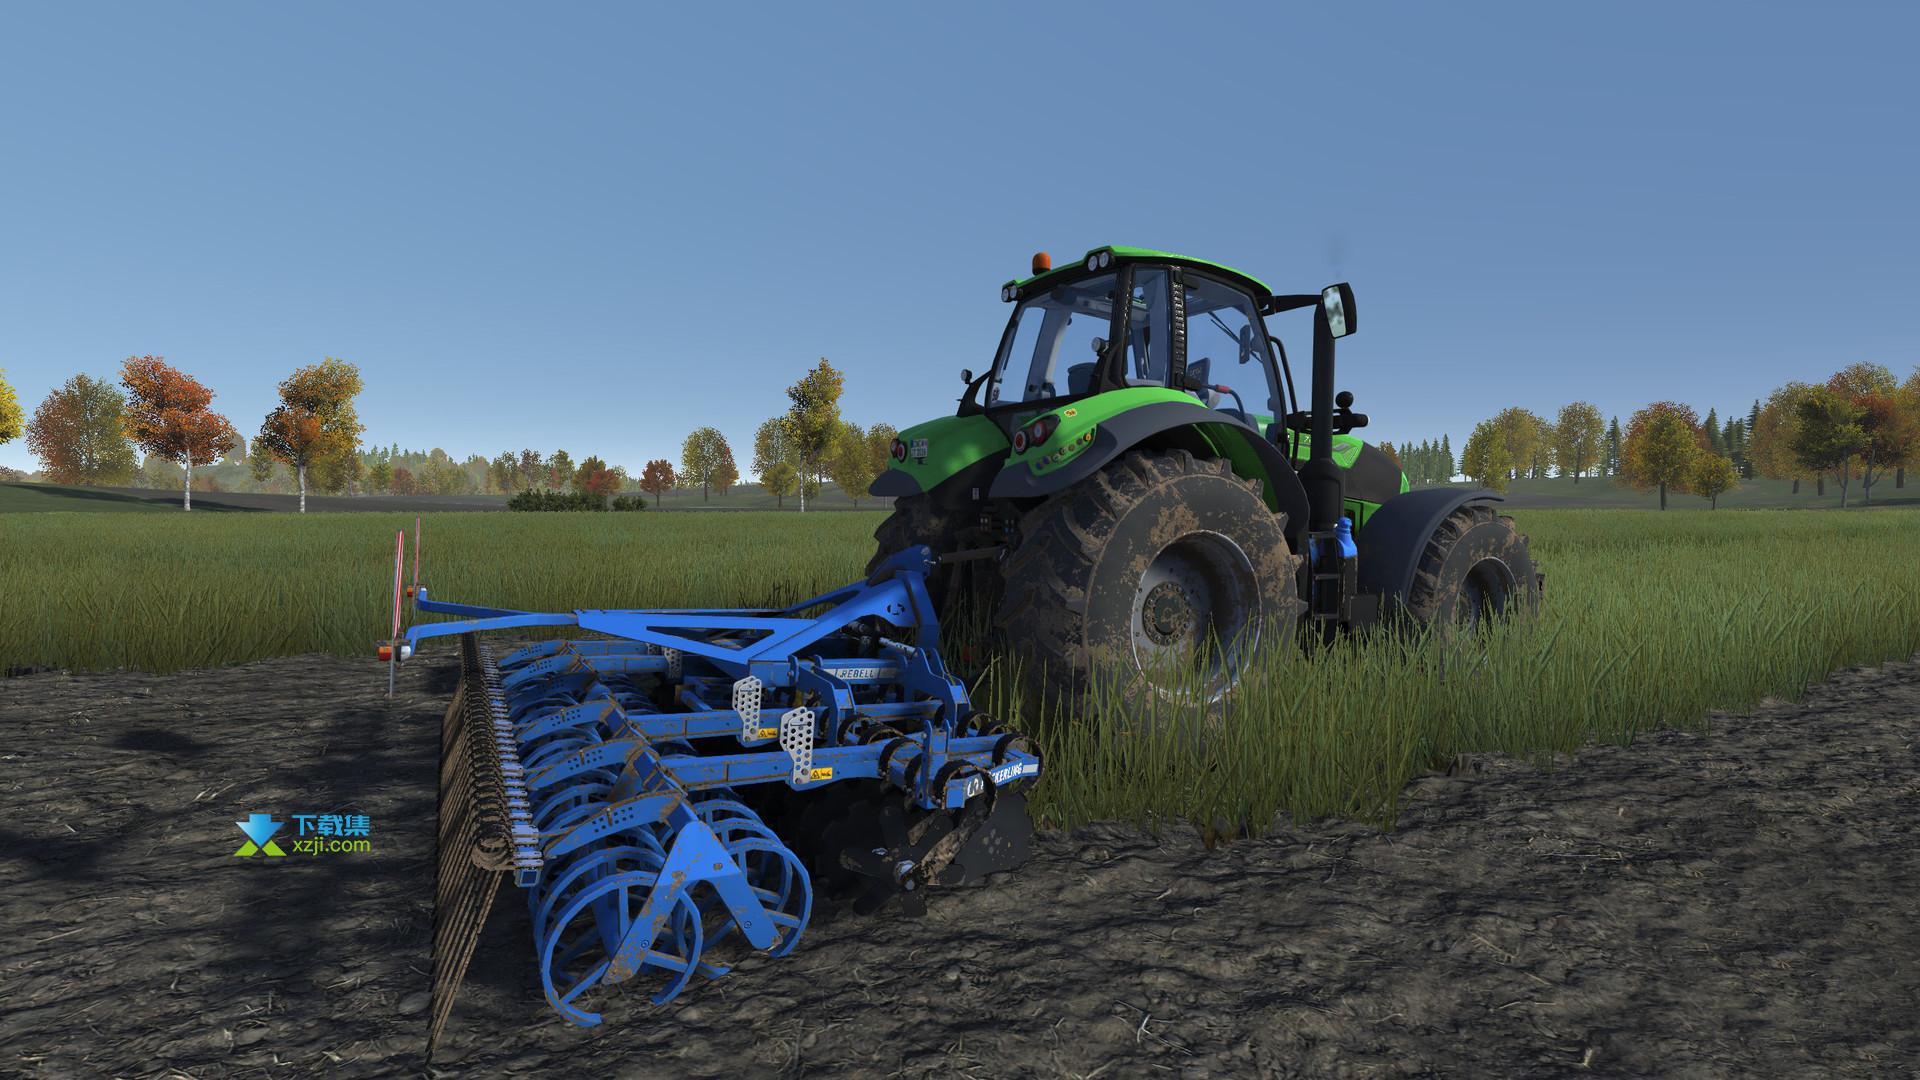 职业农场牲畜与农作物界面3